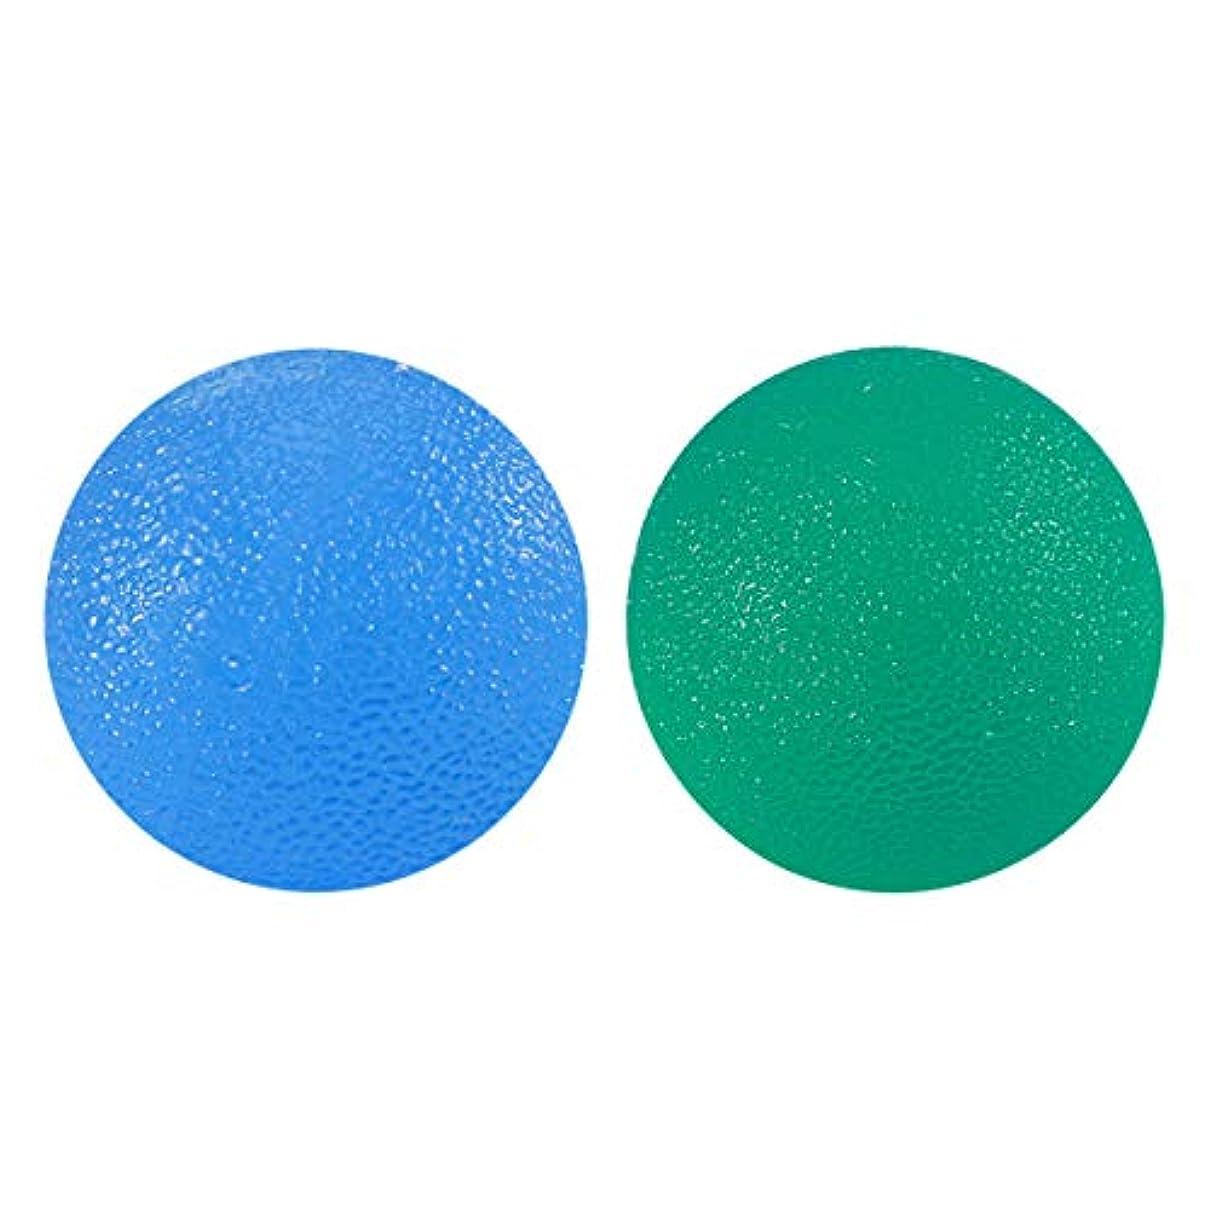 ヘッジなぞらえる団結SUPVOX マッサージボール ストレッチボール 筋膜リリース ツボ押し トレーニング 健康器具 血行促進2個入(緑と青)